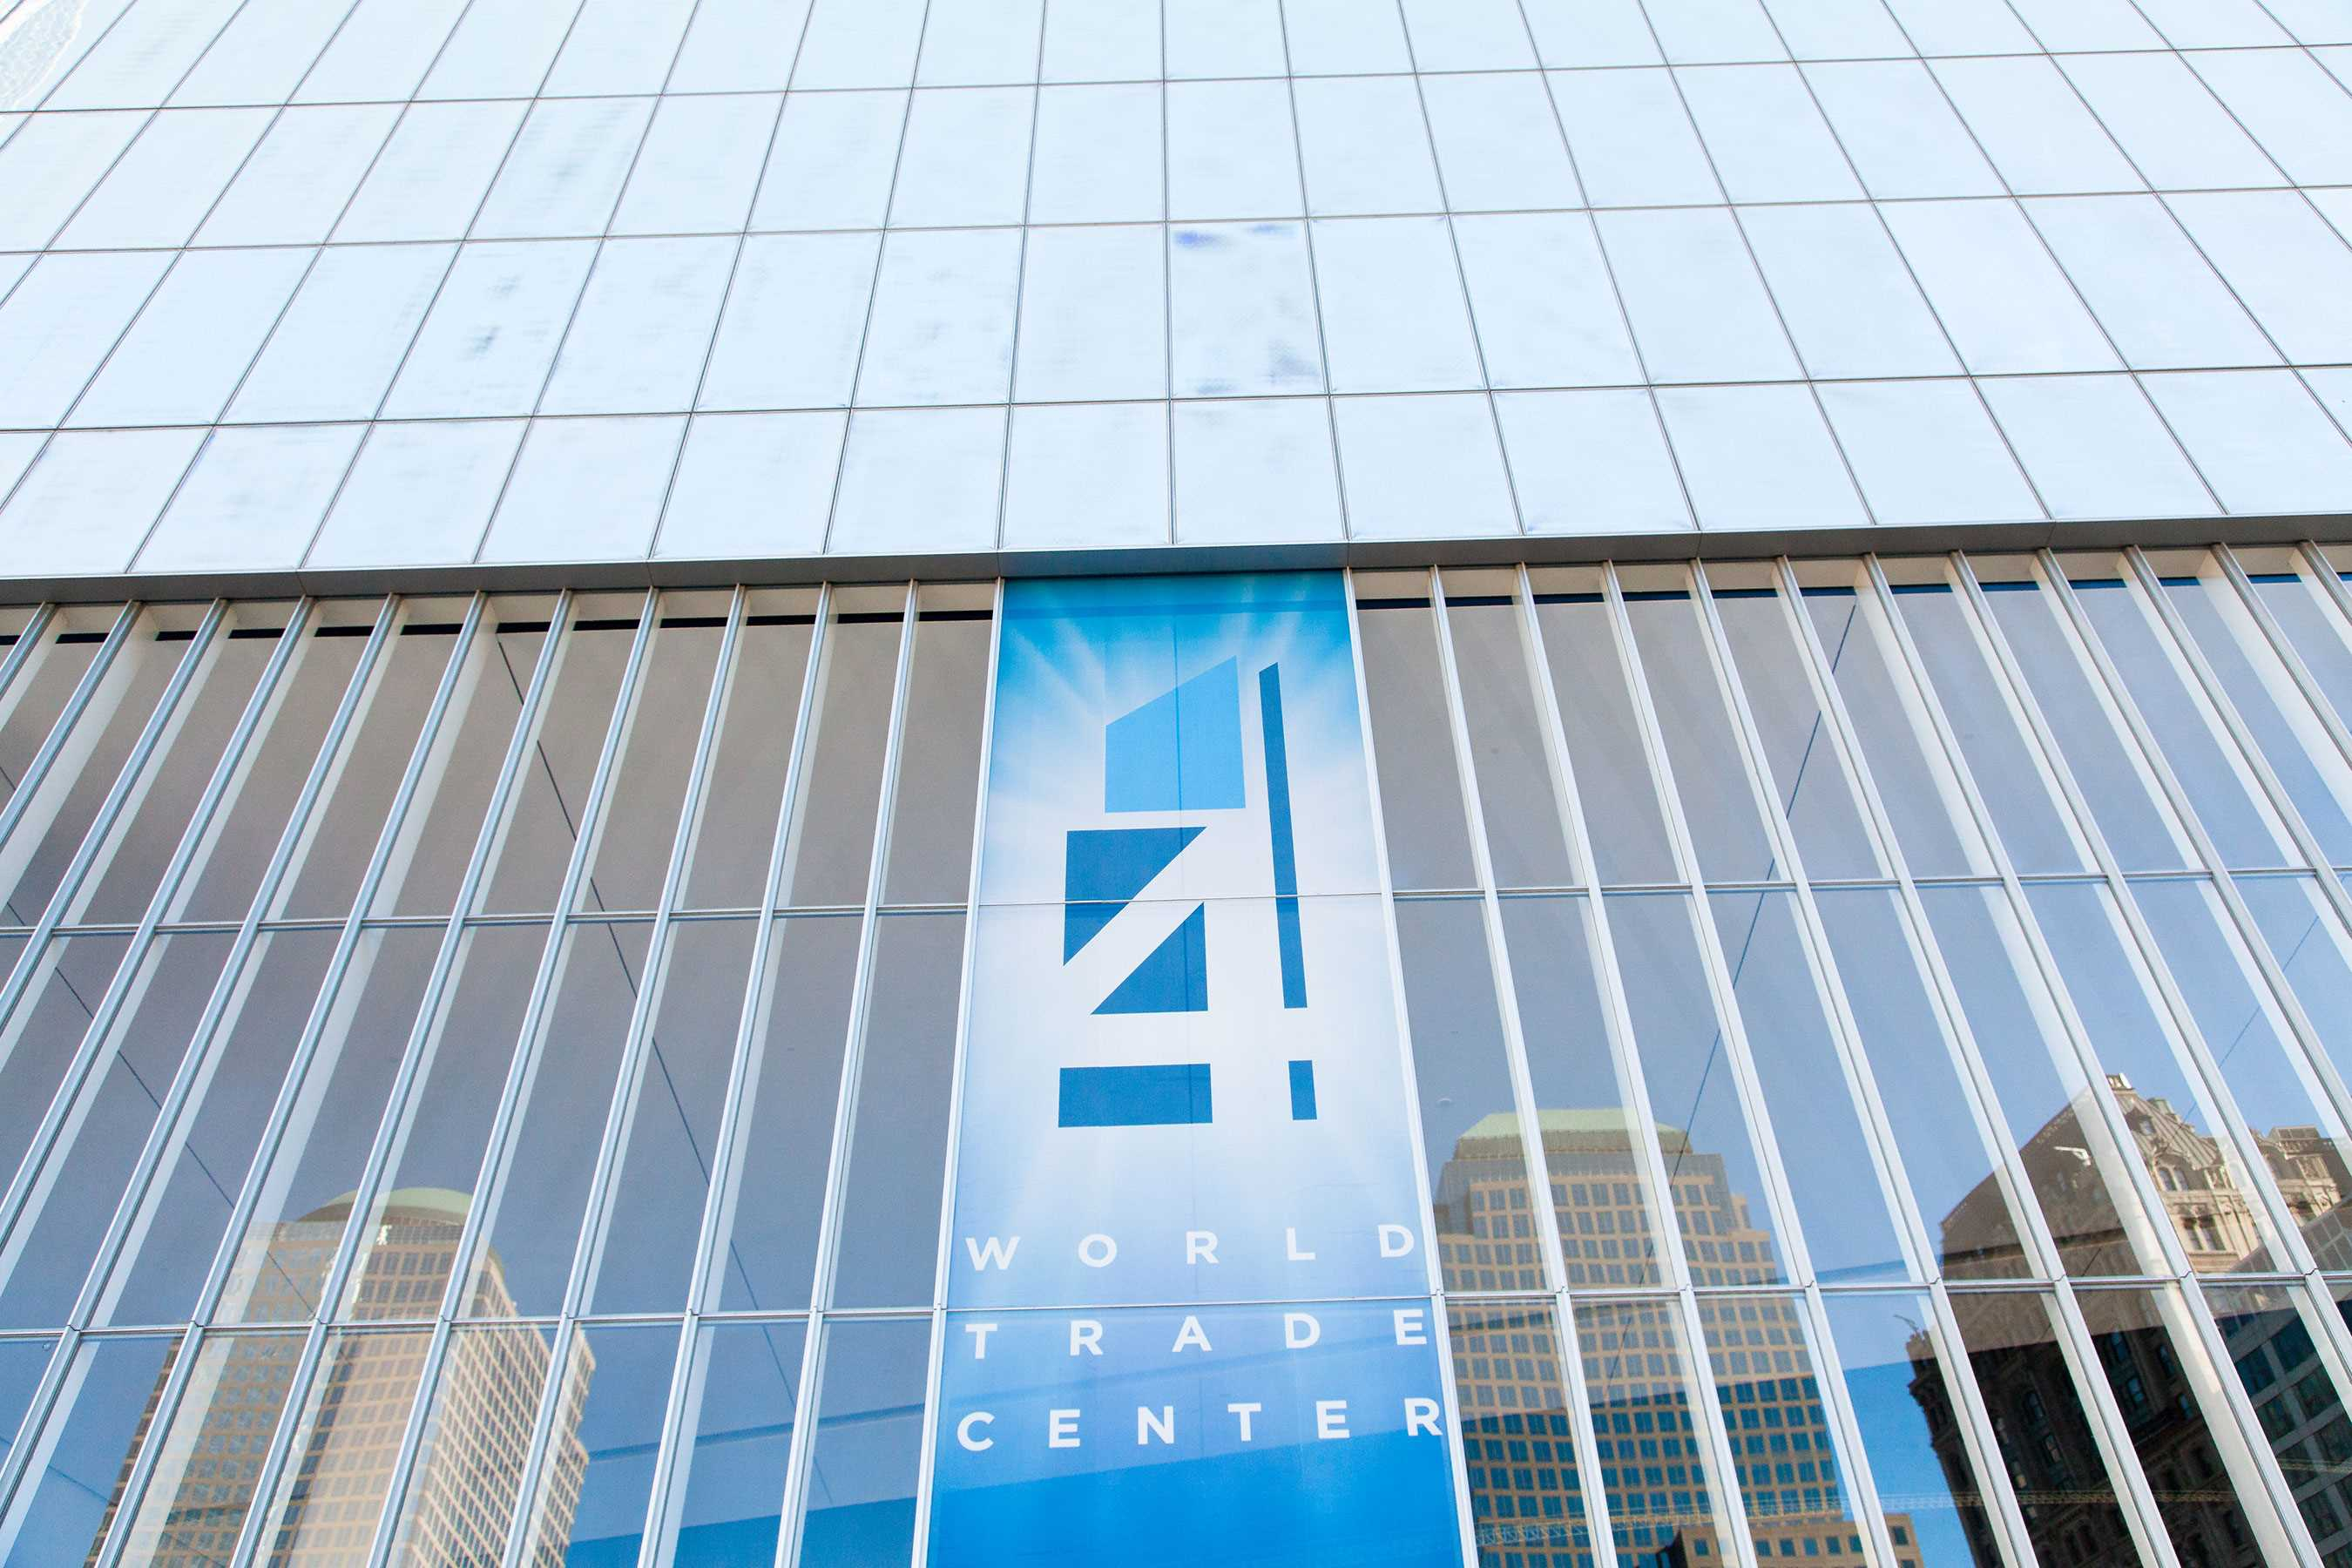 Rebuilding World Trade Center 4: an inside look